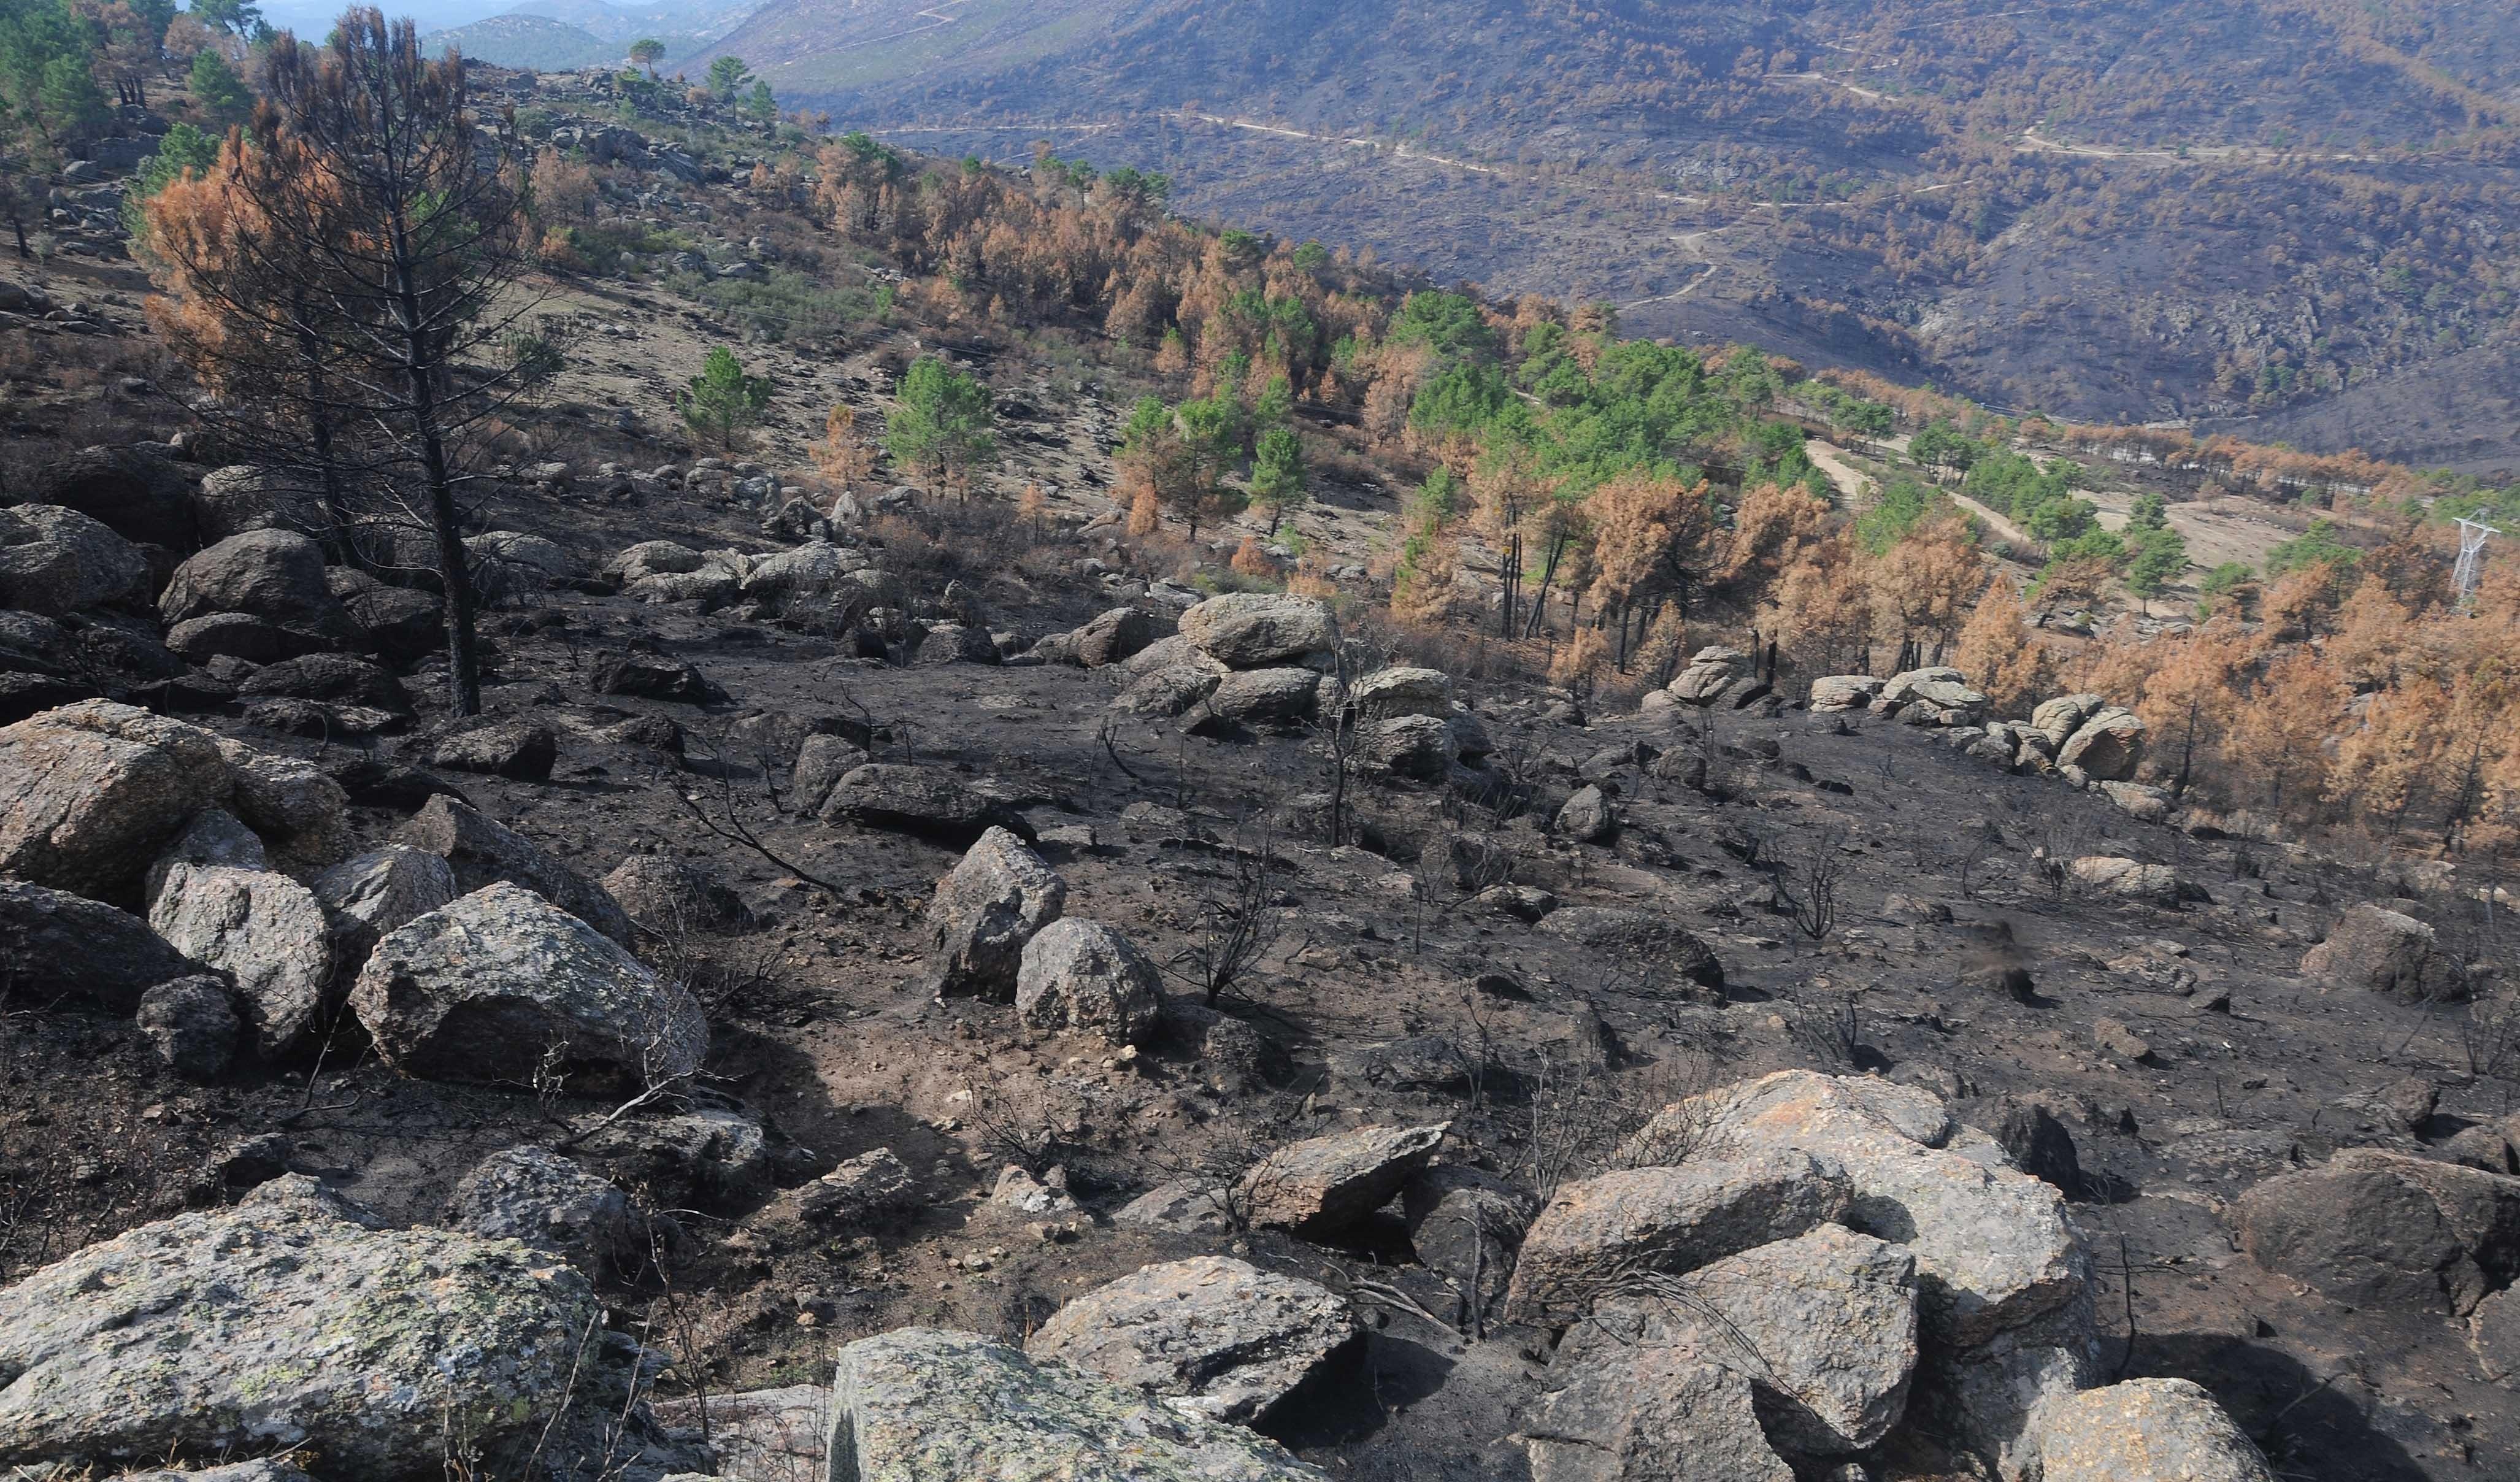 Se cumple un año del incendio de la sierra oeste, que arrasó casi 1.600 hectáreas